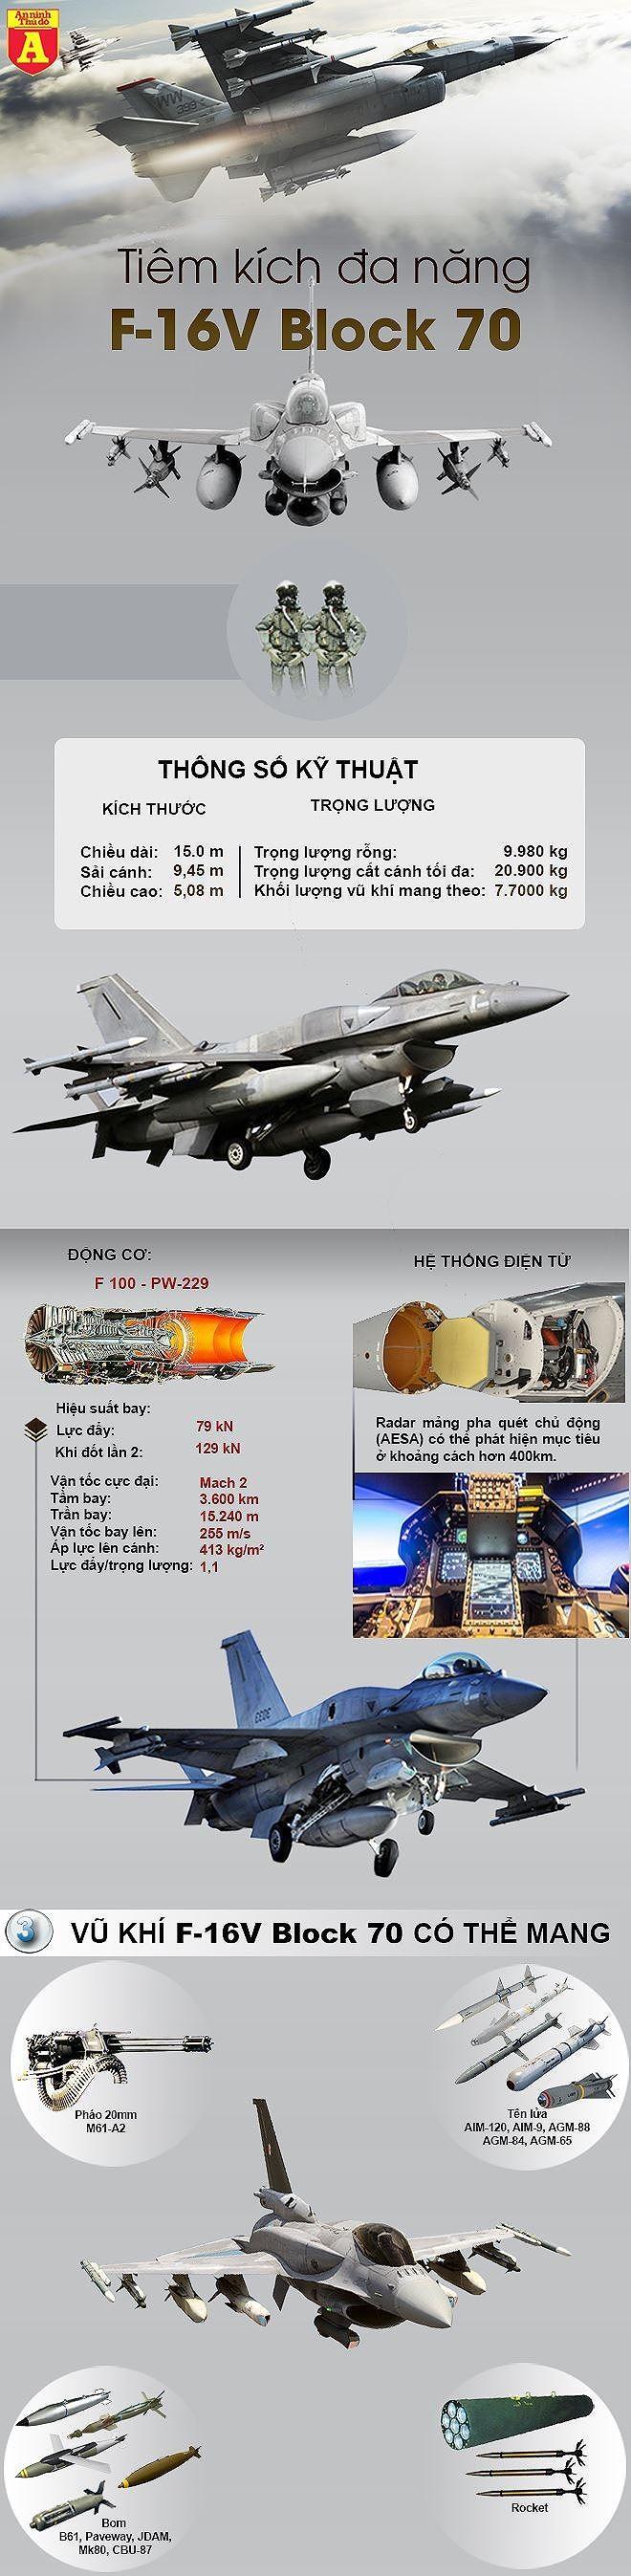 [ĐỒ HỌA] Không cần F-22, F-35, chỉ F-16V Mỹ đã đủ sức đối đầu với Su-35 Nga? ảnh 2